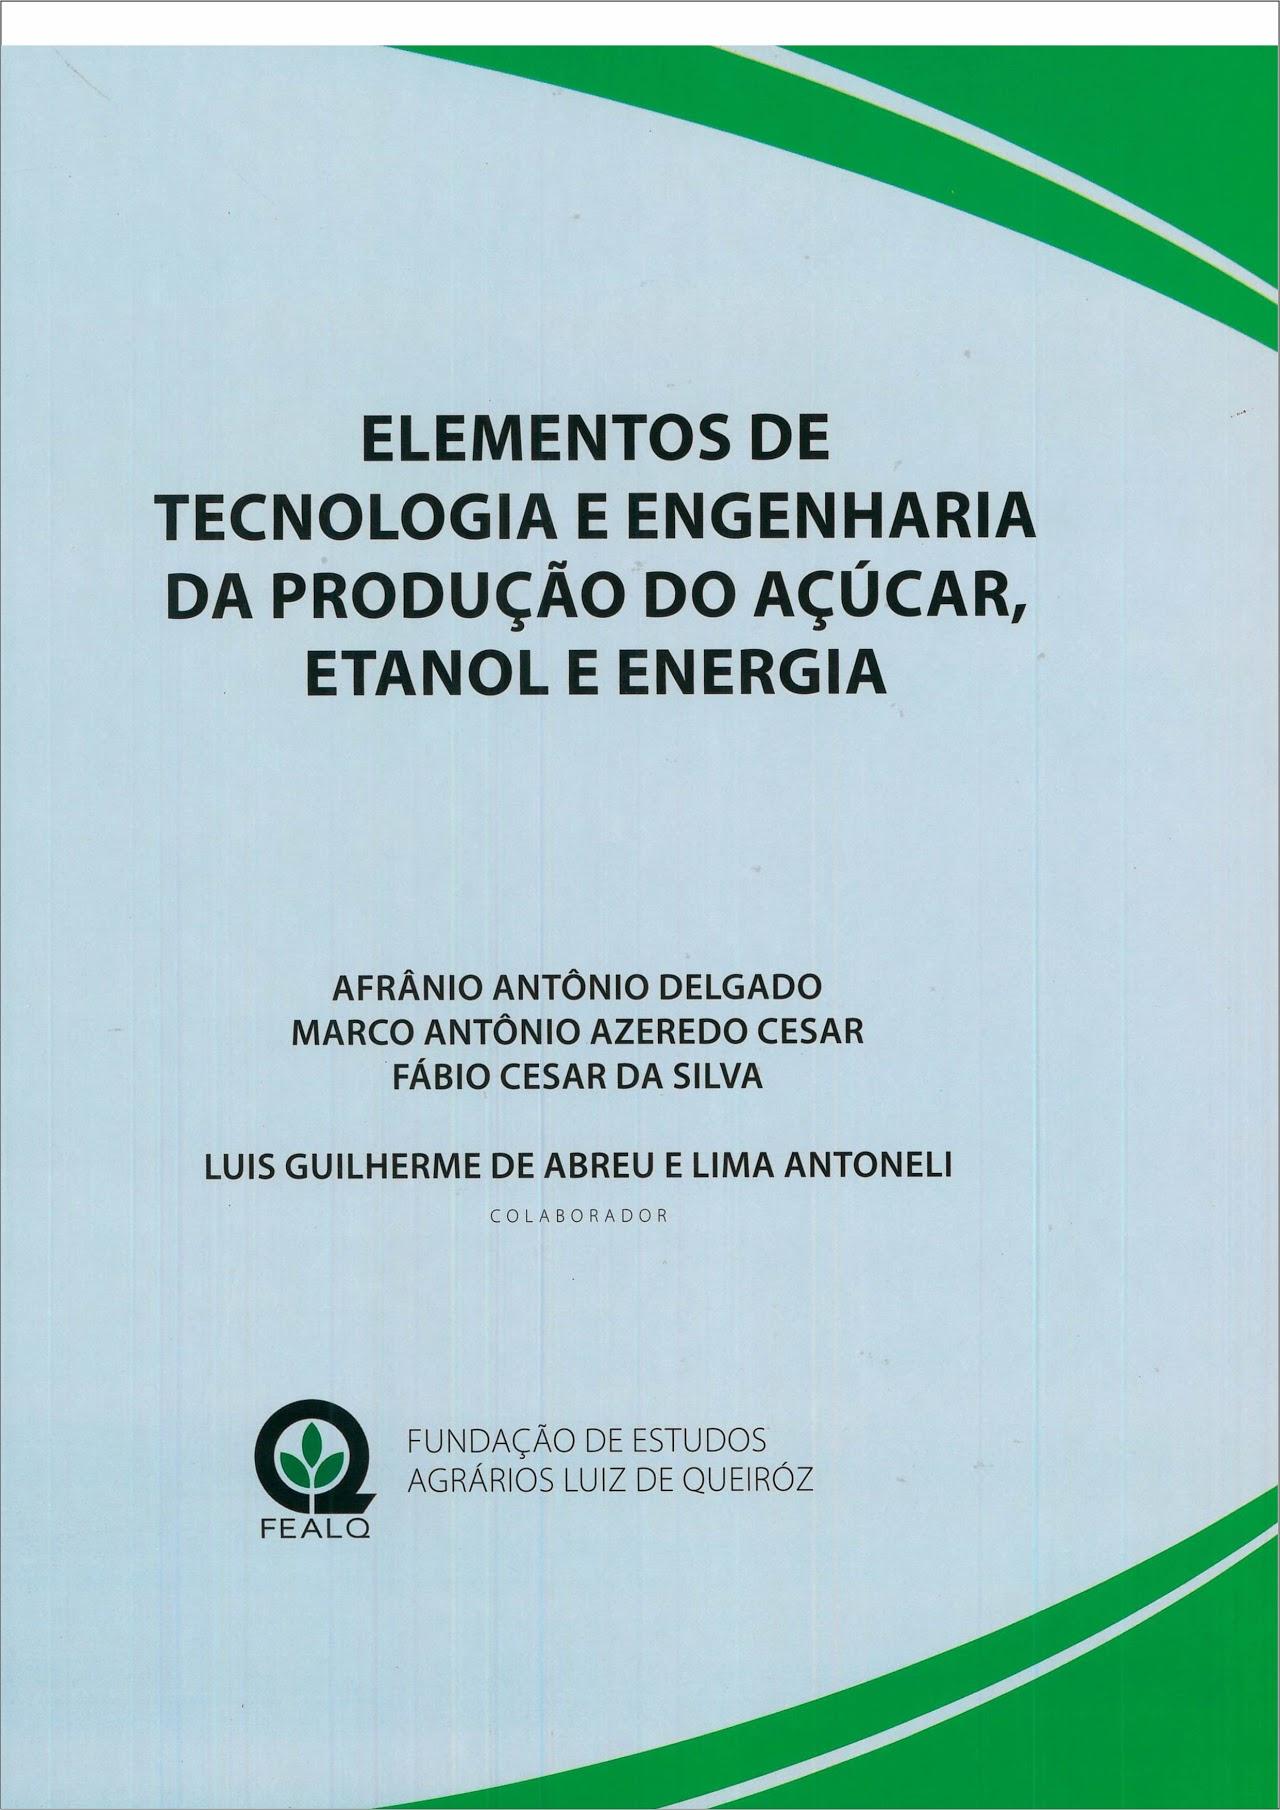 Elementos de Tecnologia e Engenharia da Produção do Açúcar, Etanol e Energia